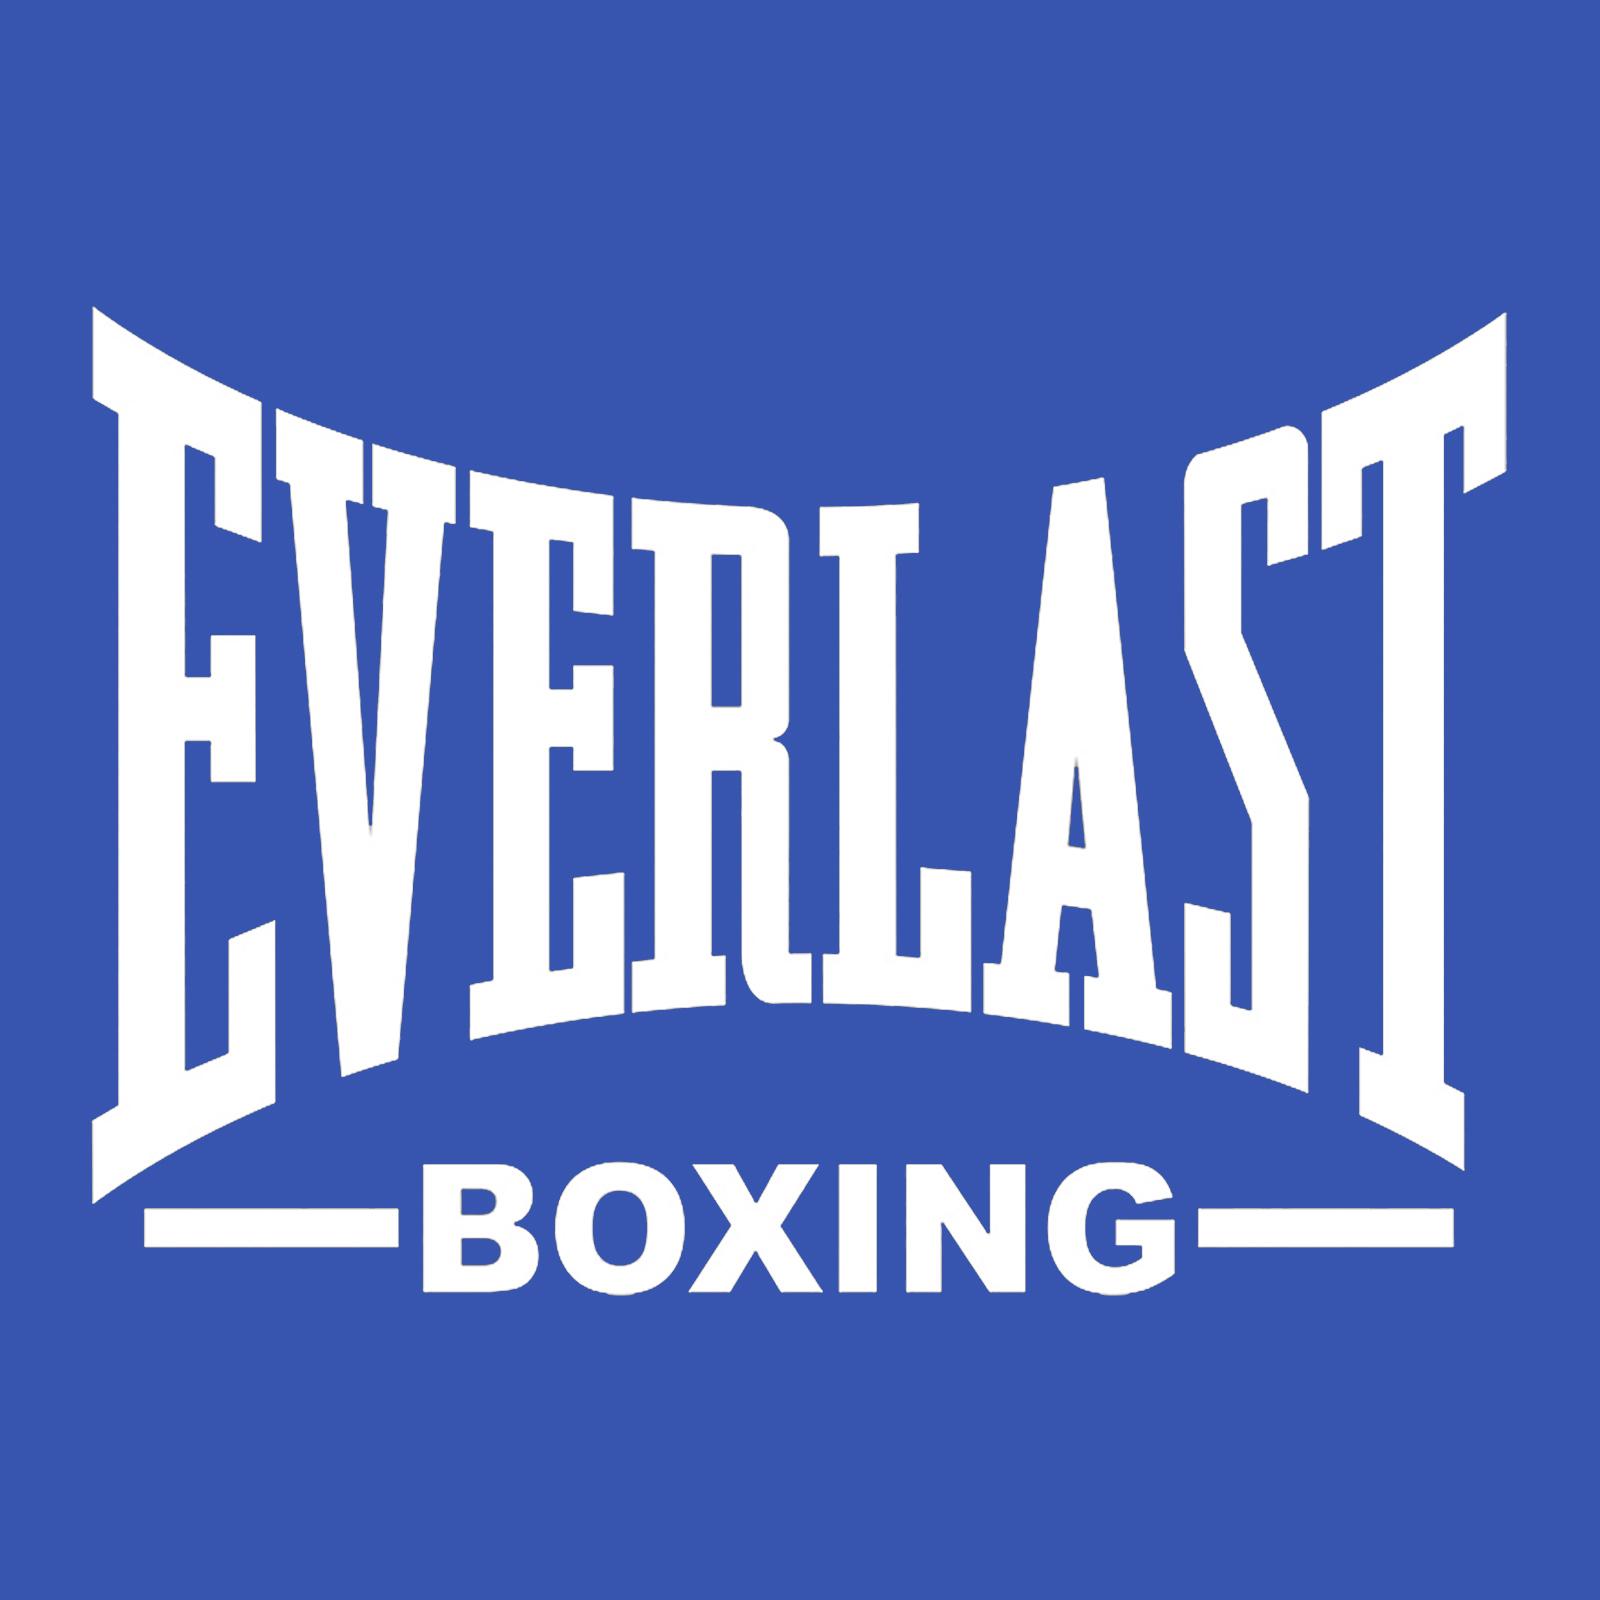 Купить летнюю синюю бейсболку с термонаклейкой Everlast Boxing выгодно оптом